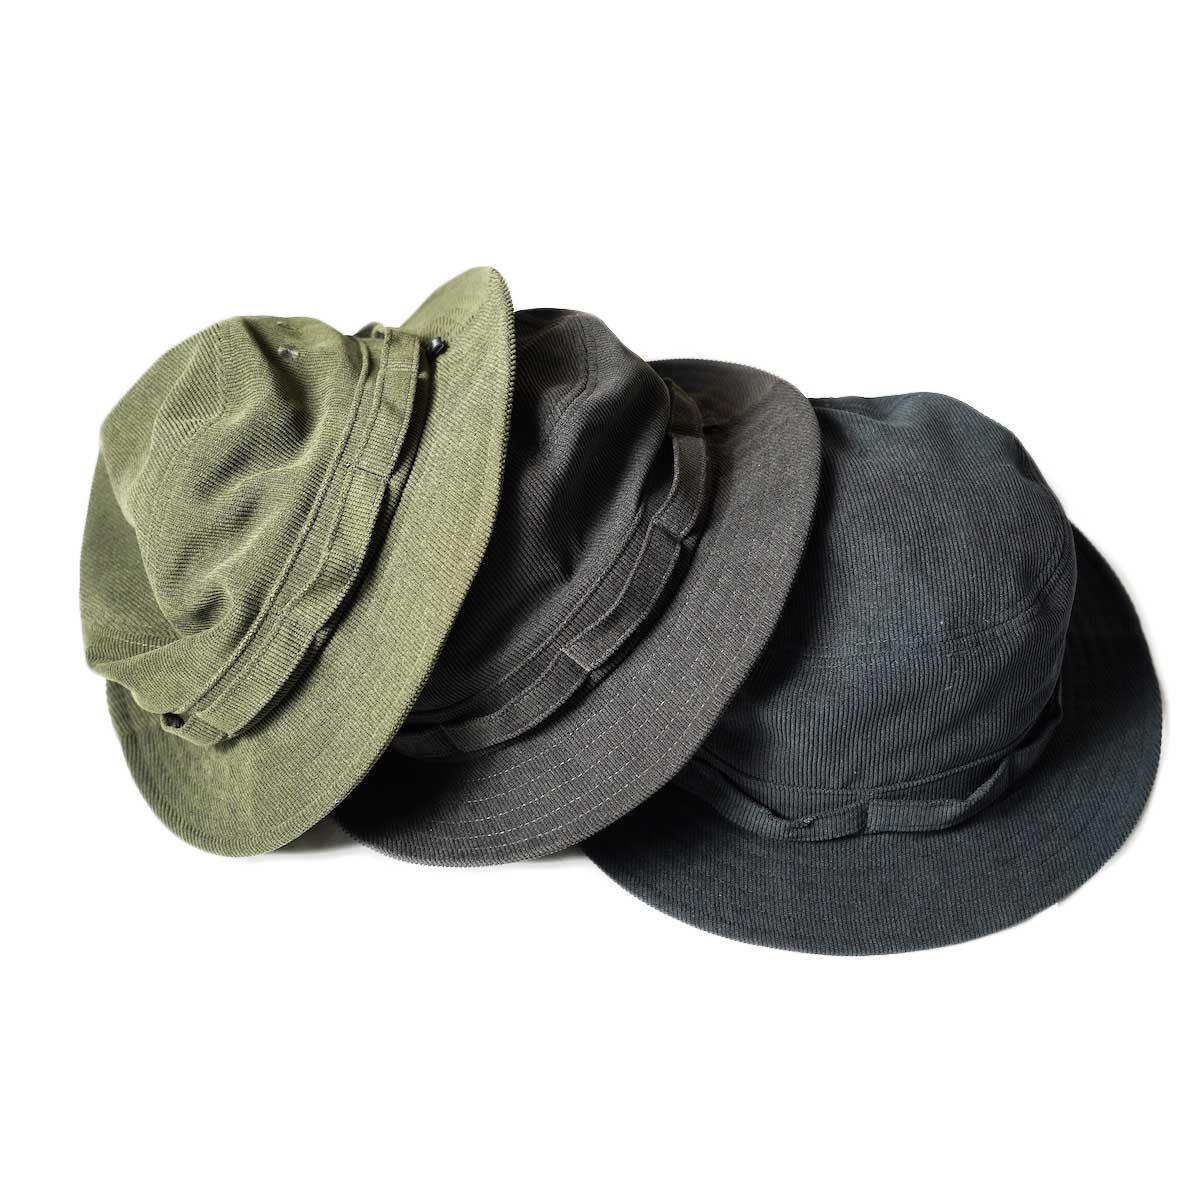 DAIWA PIER39 / TECH JUNGLE HAT (CORDUROY)